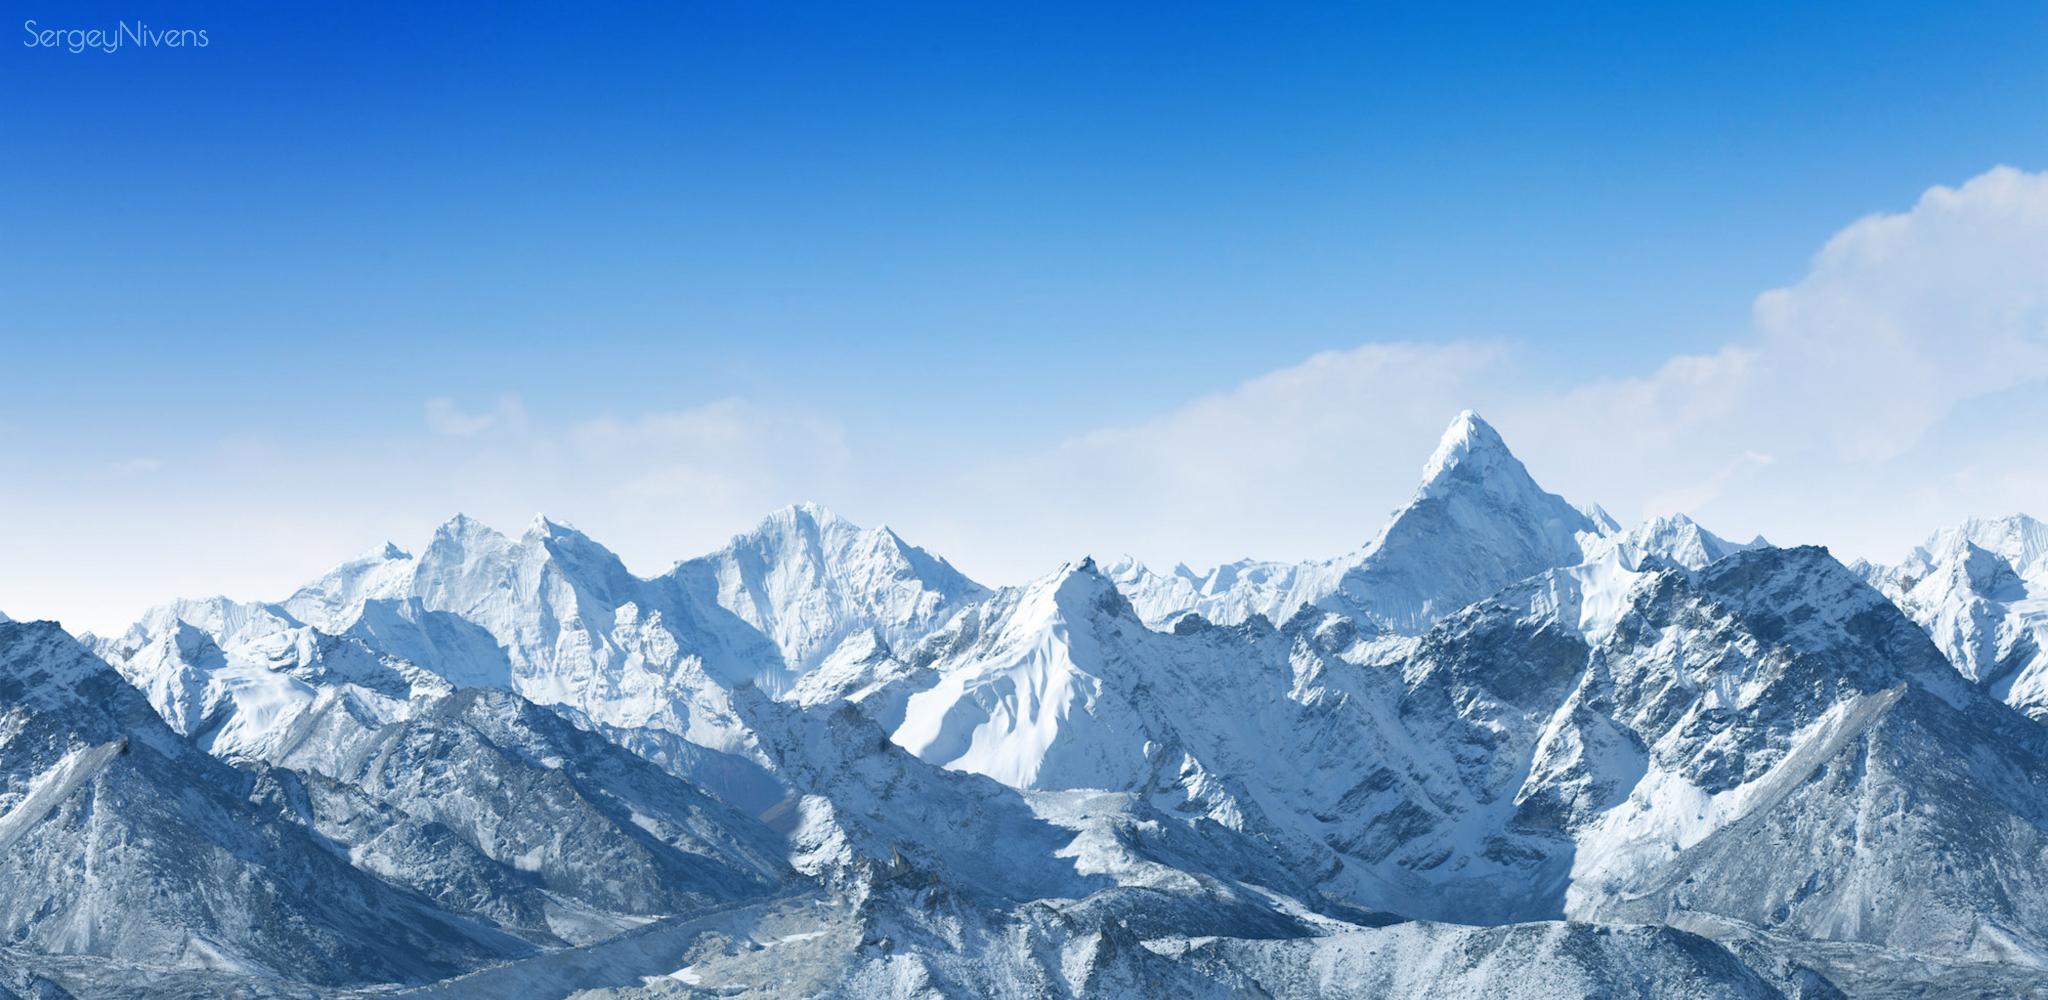 mountains snow meneses